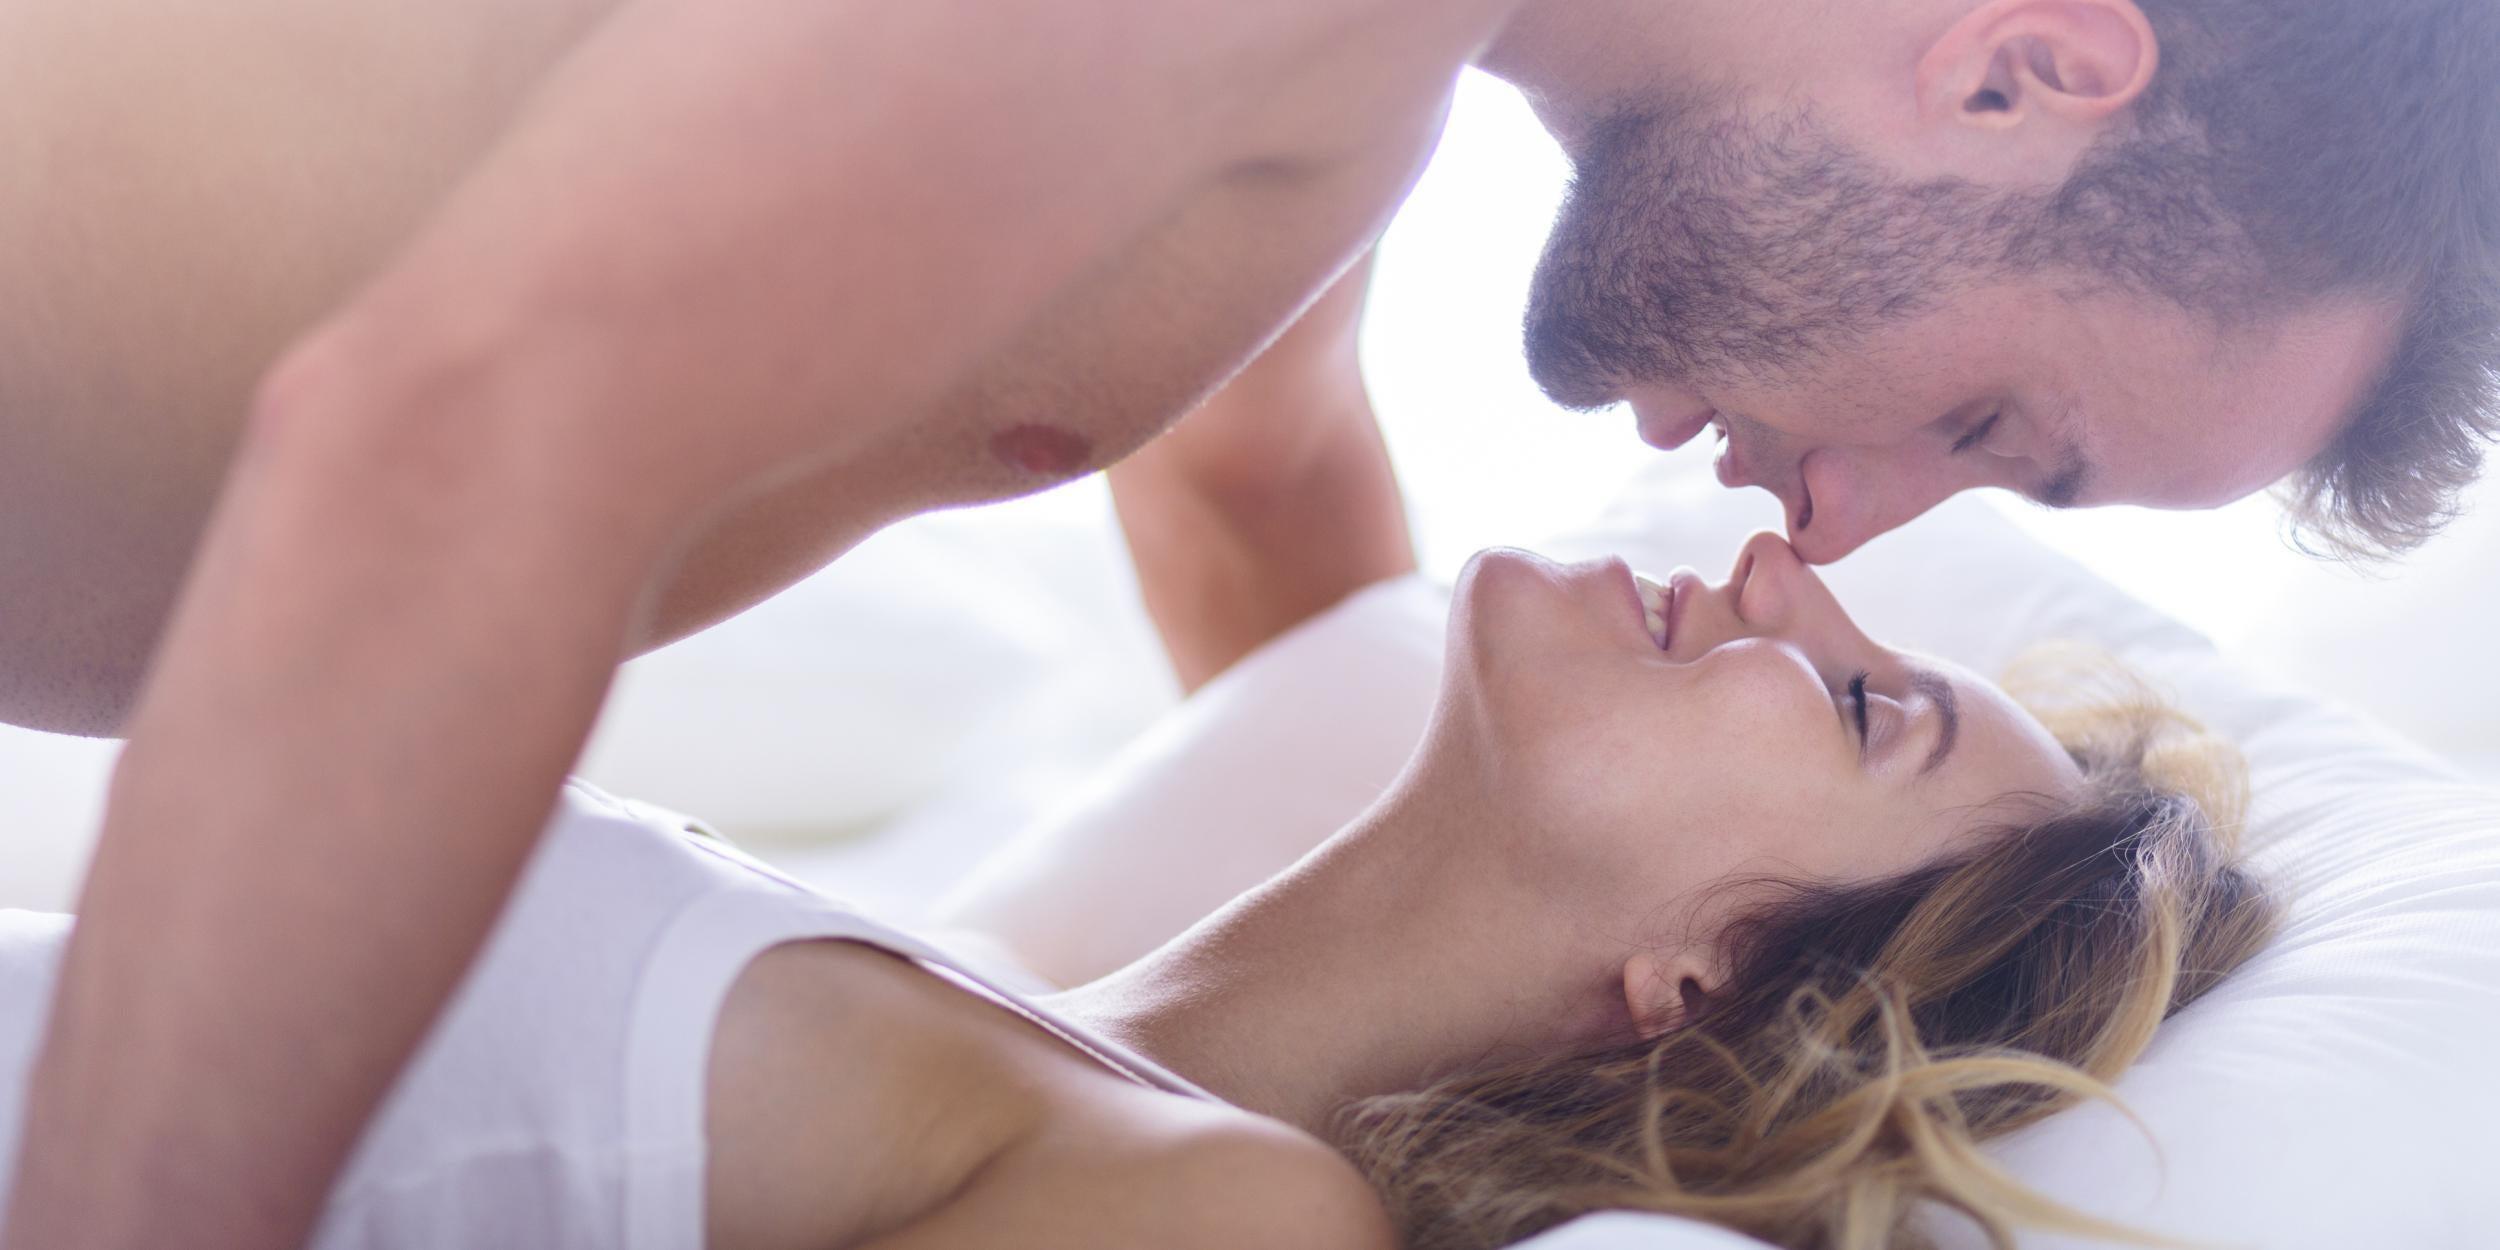 Смотреть секс с уч, Порно видео с русскими училками: голые женщины 15 фотография